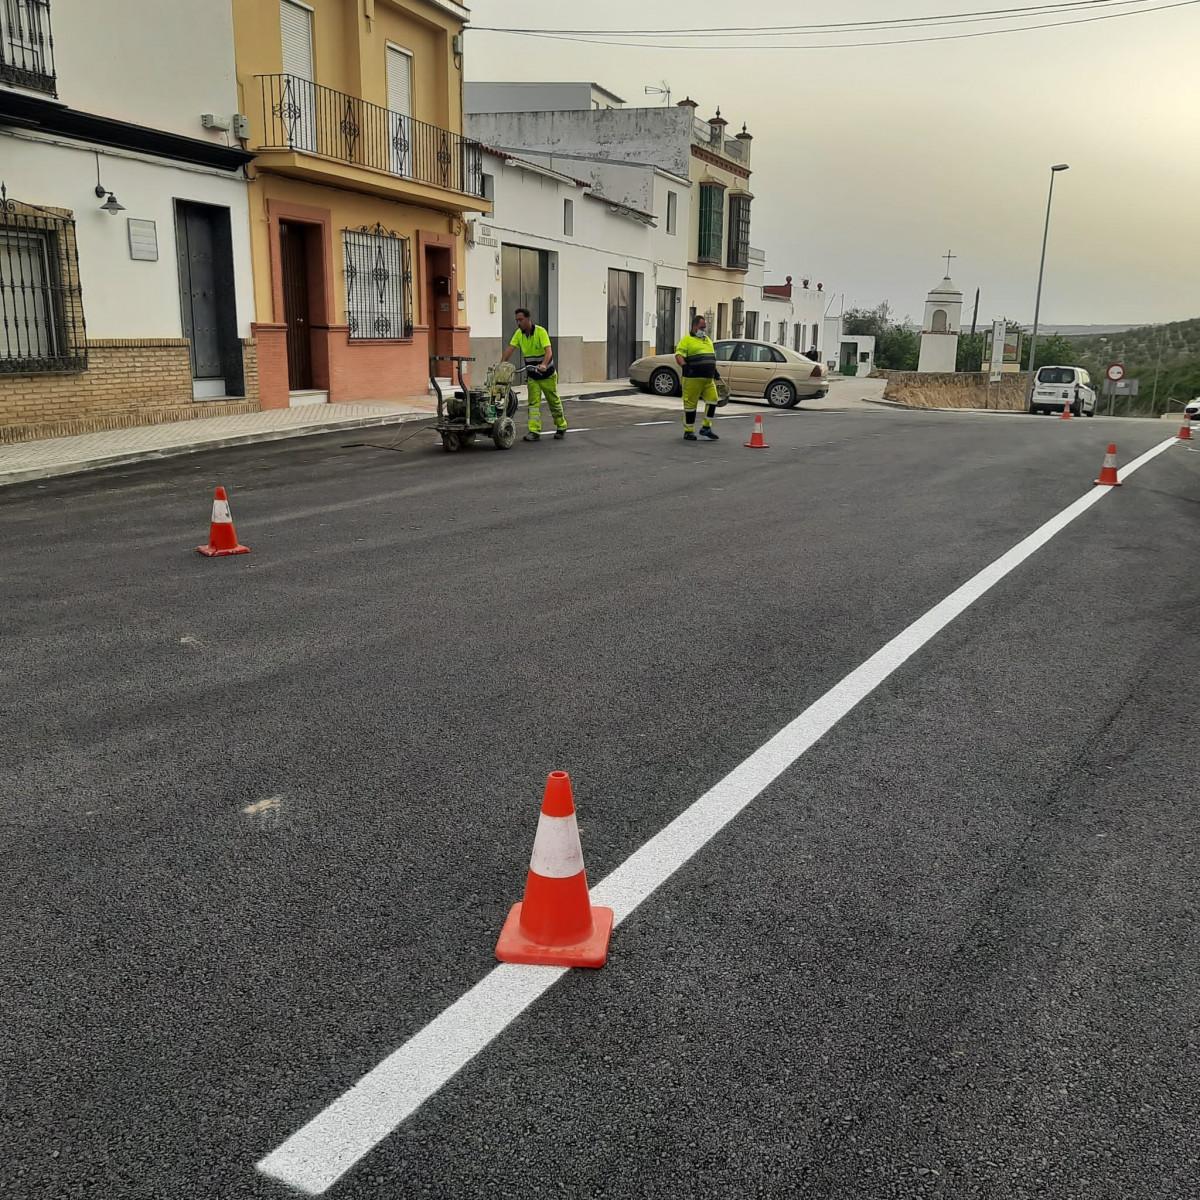 AionSur: Noticias de Sevilla, sus Comarcas y Andalucía 166182065_2851943025045211_6973670534559715851_n-min Reabre la carretera SE-5202 entre Paradas y Marchena una vez finalizadas las obras de drenaje urbano Paradas